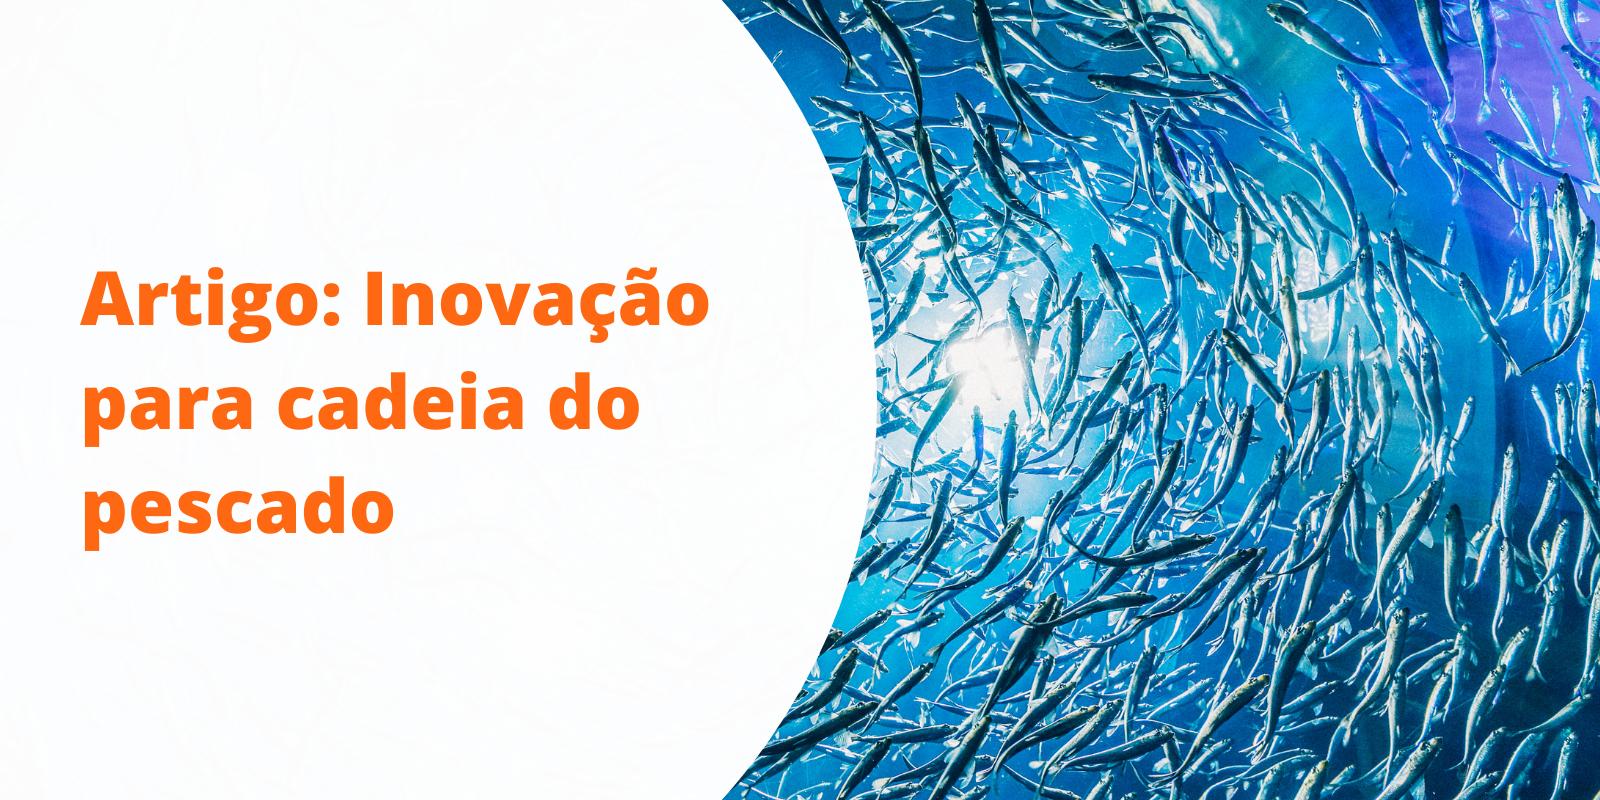 Imagem: Artigo: Inovação é o caminho para o crescimento da cadeia do pescado